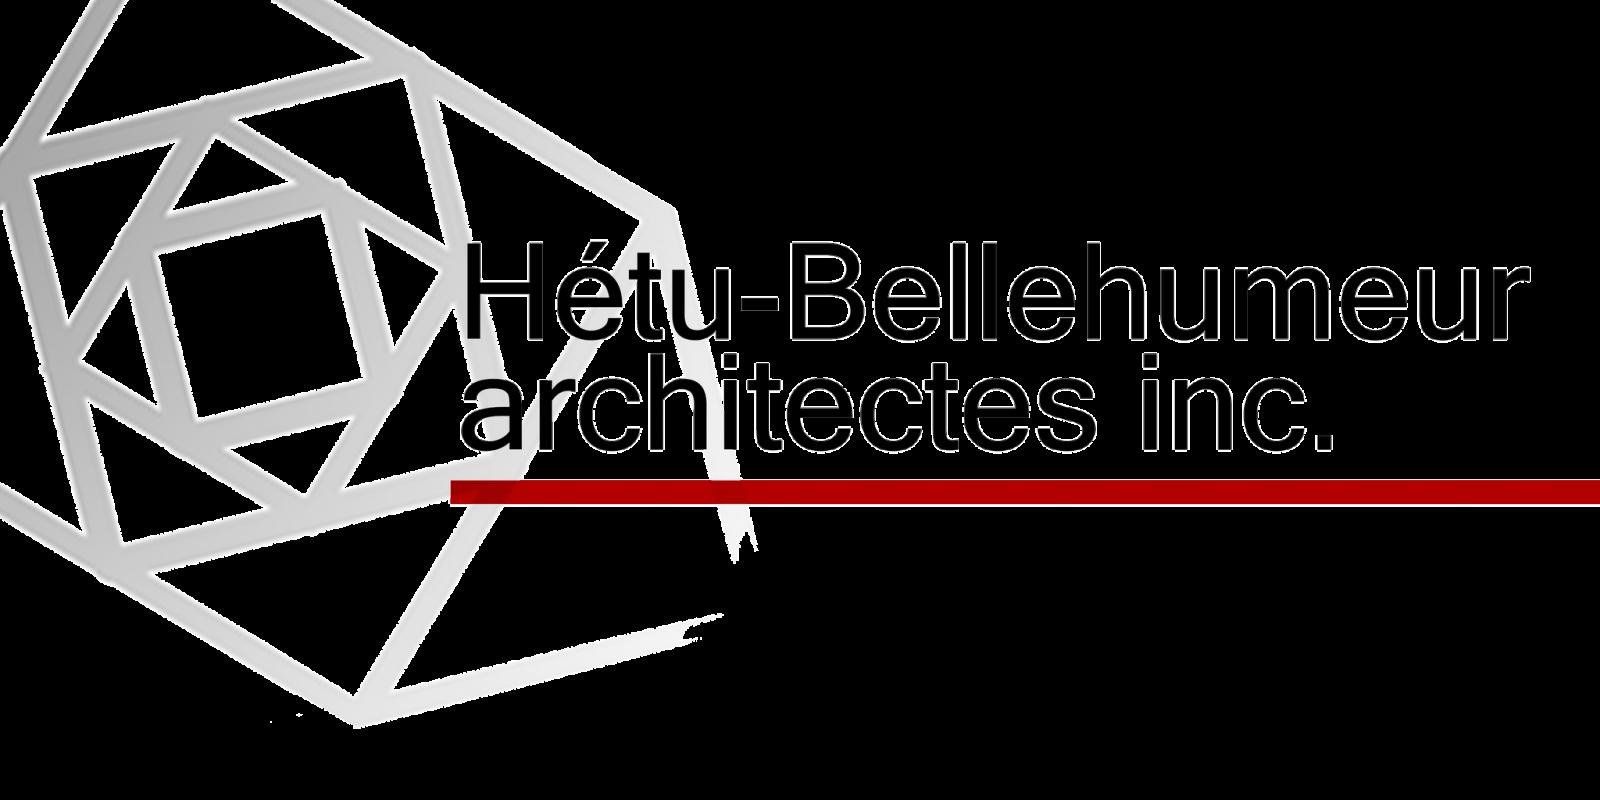 Liste Ordre Des Architectes architecte (hétu bellehumeur)   alliance ressources humaines